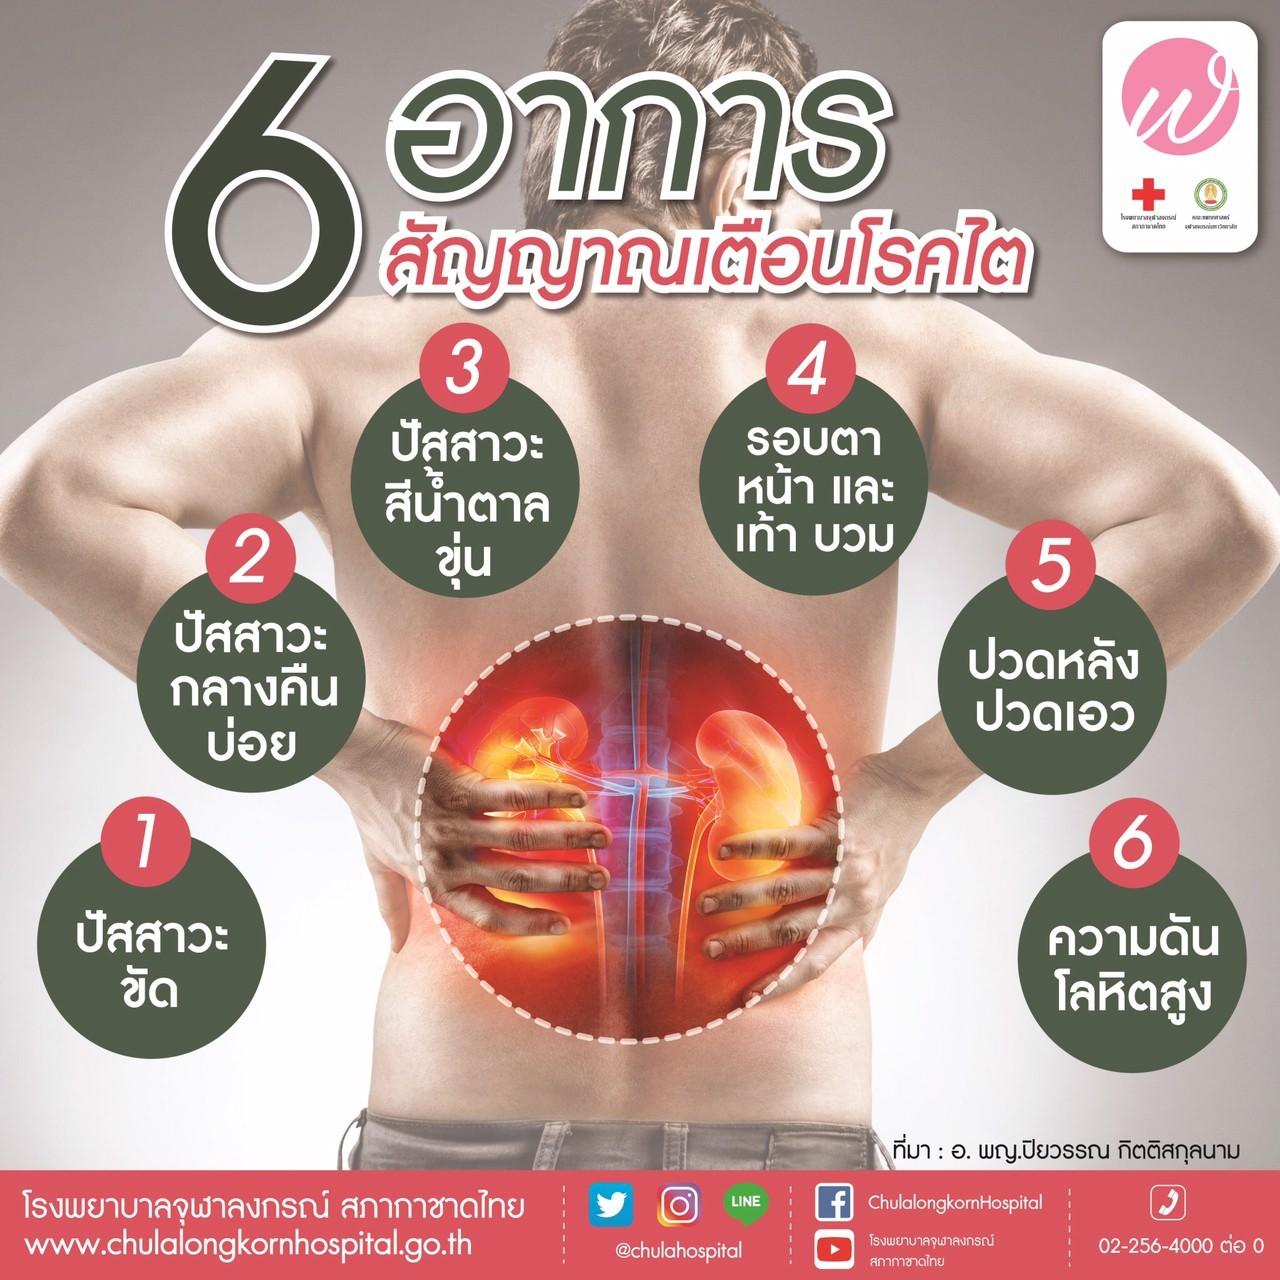 6 อาการสัญญาณเตือนโรคไต